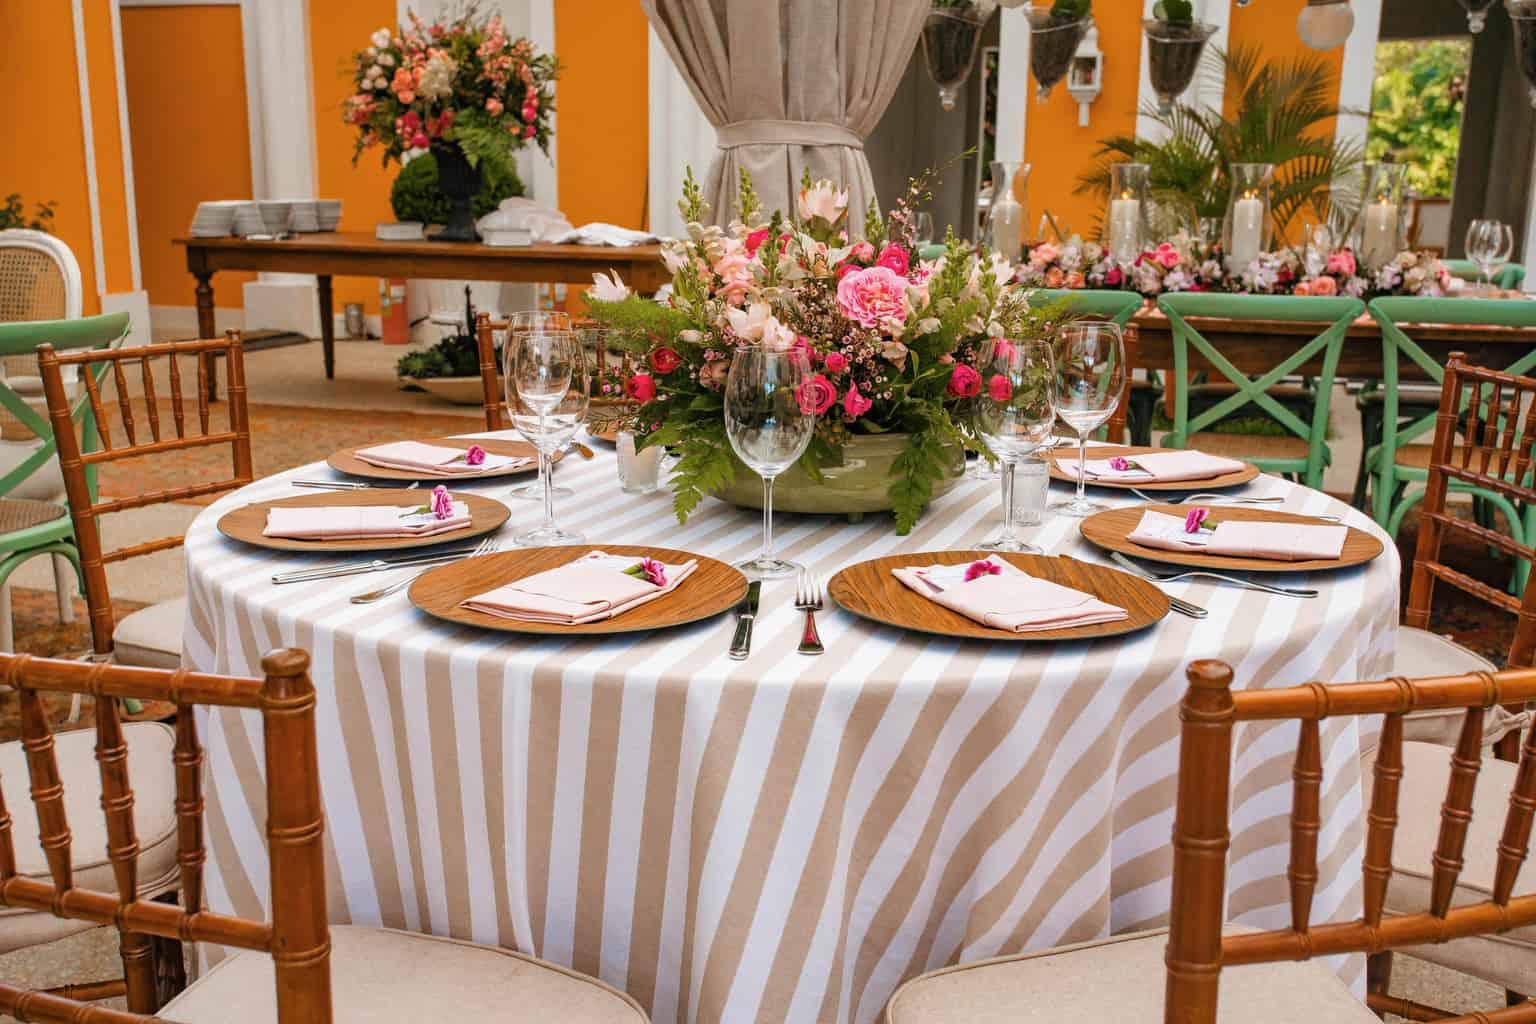 casamento-Beatriz-e-Joao-Fernando-decoracao-romantica-Itaipava-Locanda-Della-Mimosa-Thienny-Tammis58